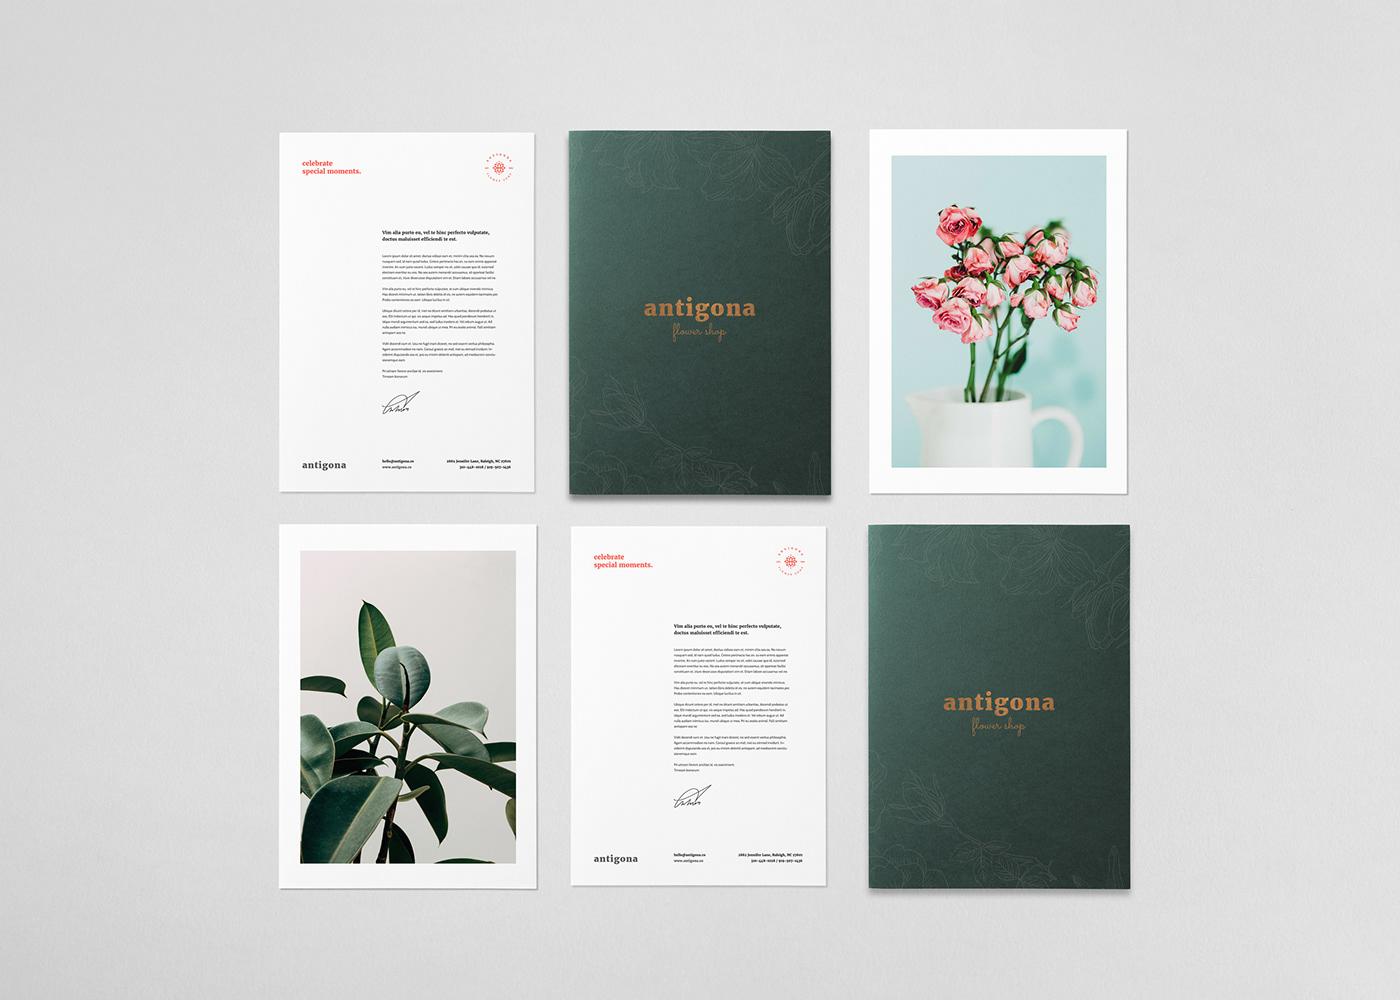 Flower Shop boutique Flowers botanical plants Plant Shop Floral design florist Flower shop branding